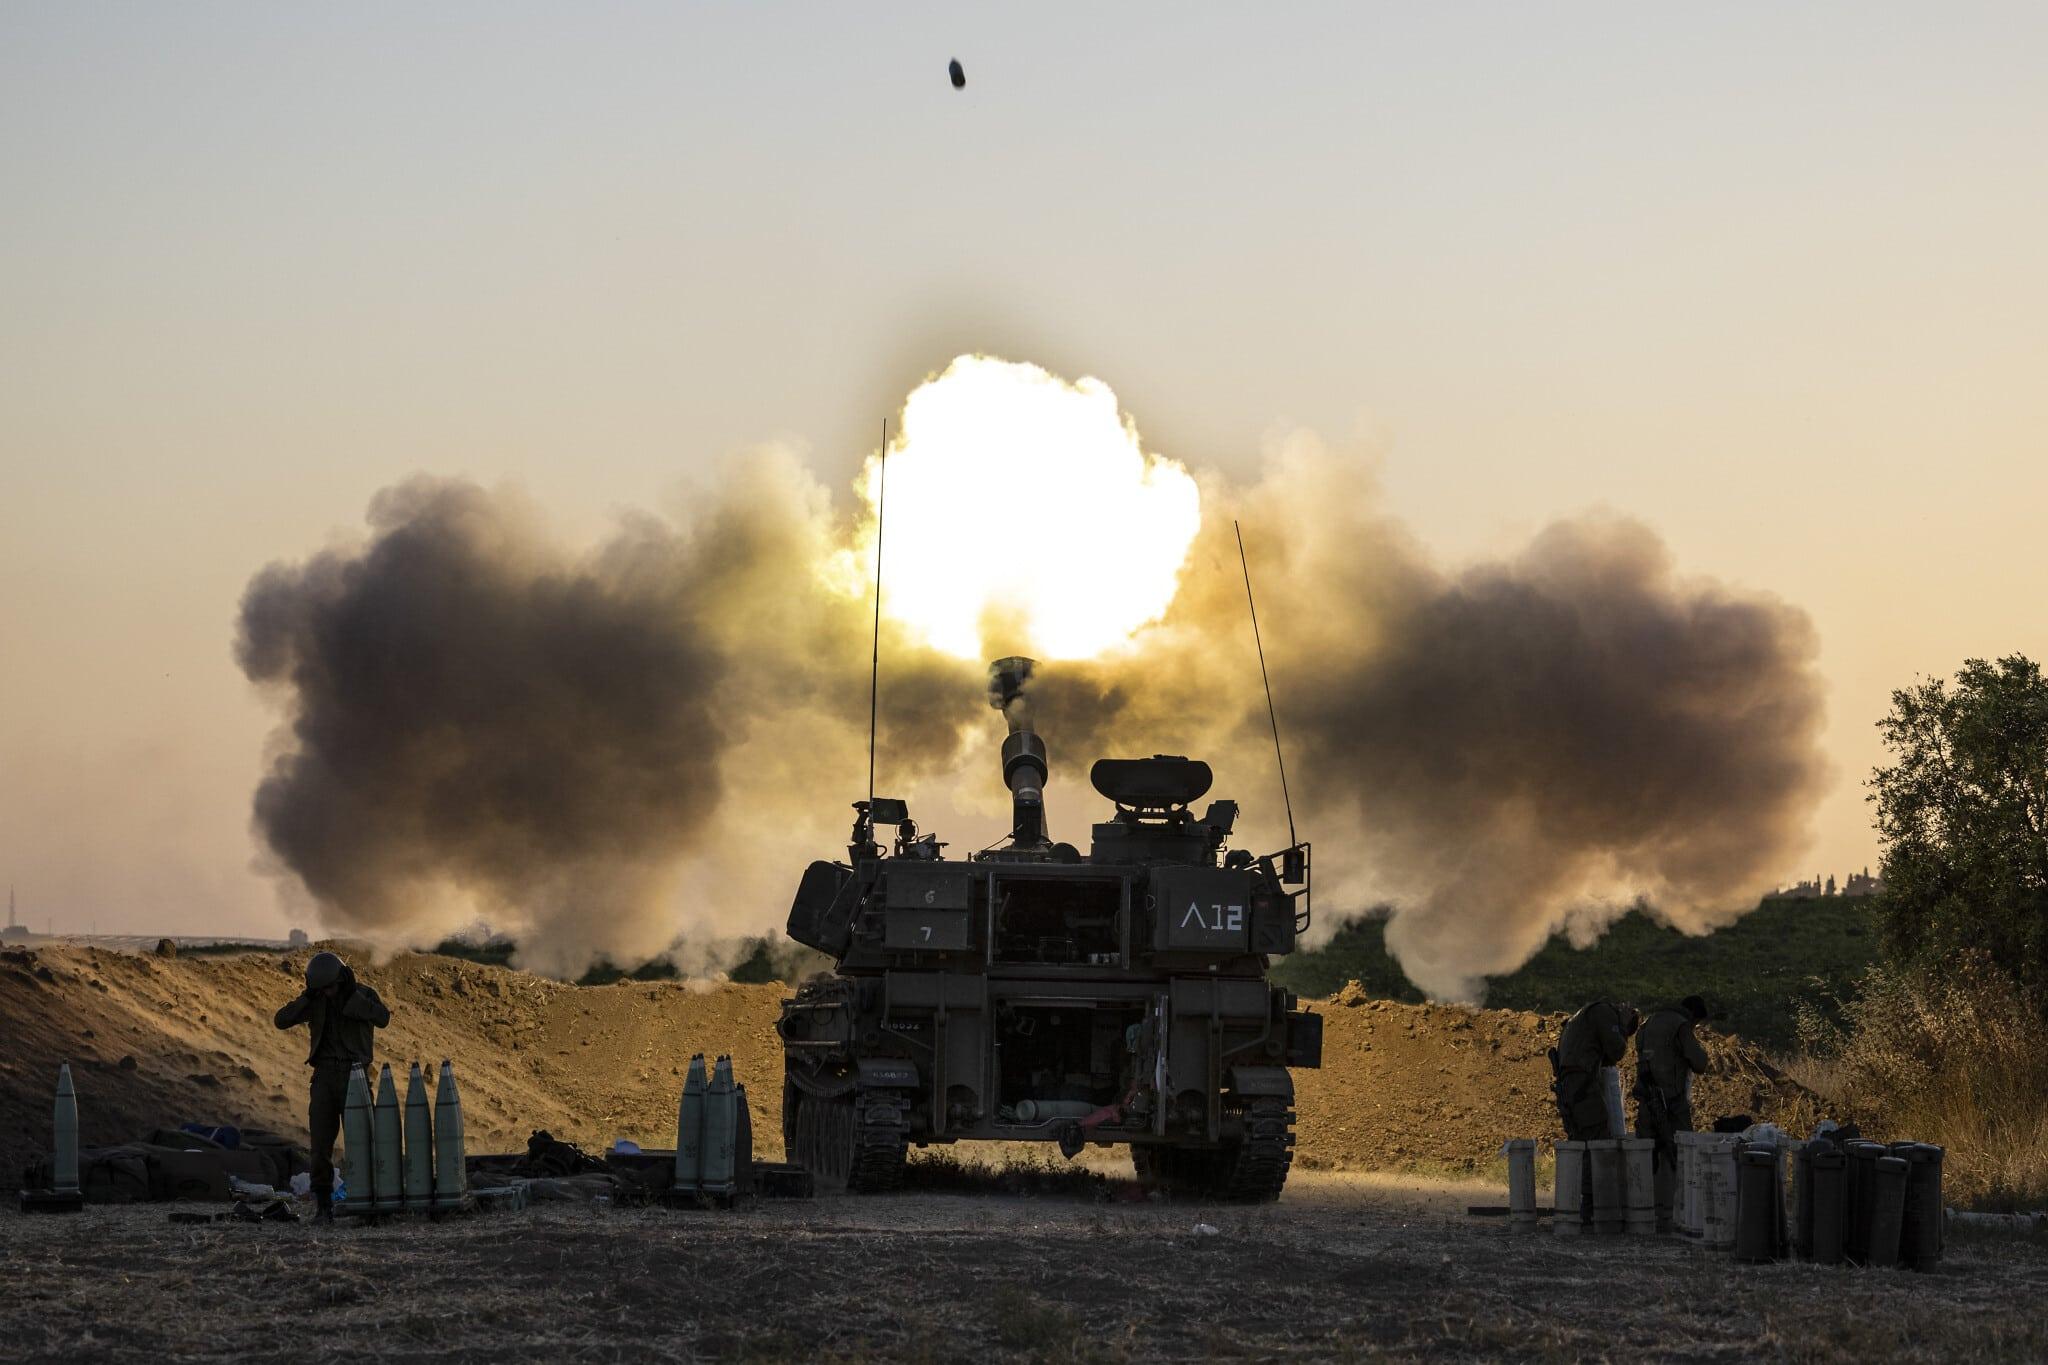 יחידת שריון ישראלית יורה פגזים אל עבר מטרות בעזה, 19 במאי 2021 (צילום: AP Photo/Tsafrir Abayov)